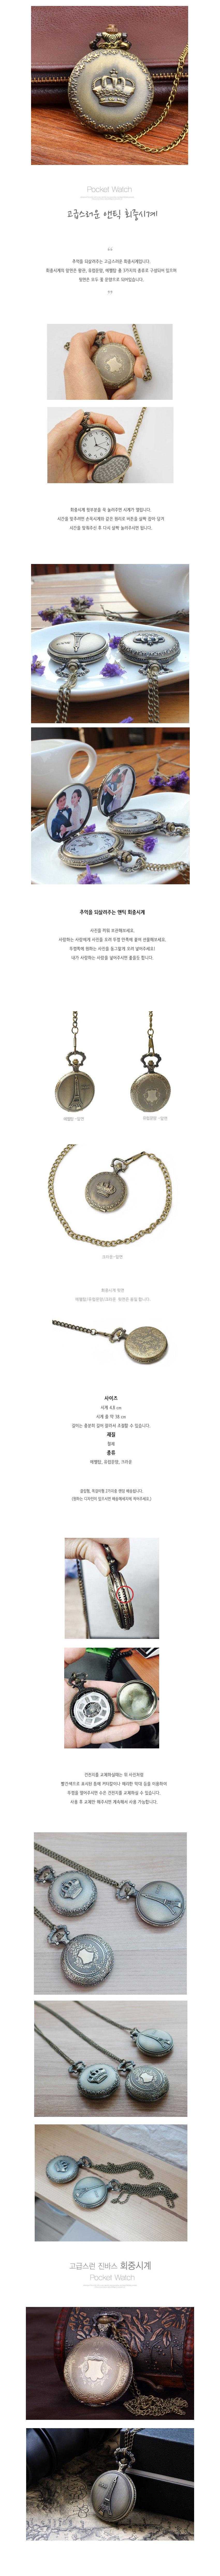 진바스 고급스런 앤틱 회중시계 (4.8cm) - 진바스, 12,000원, 남성시계, 패션시계